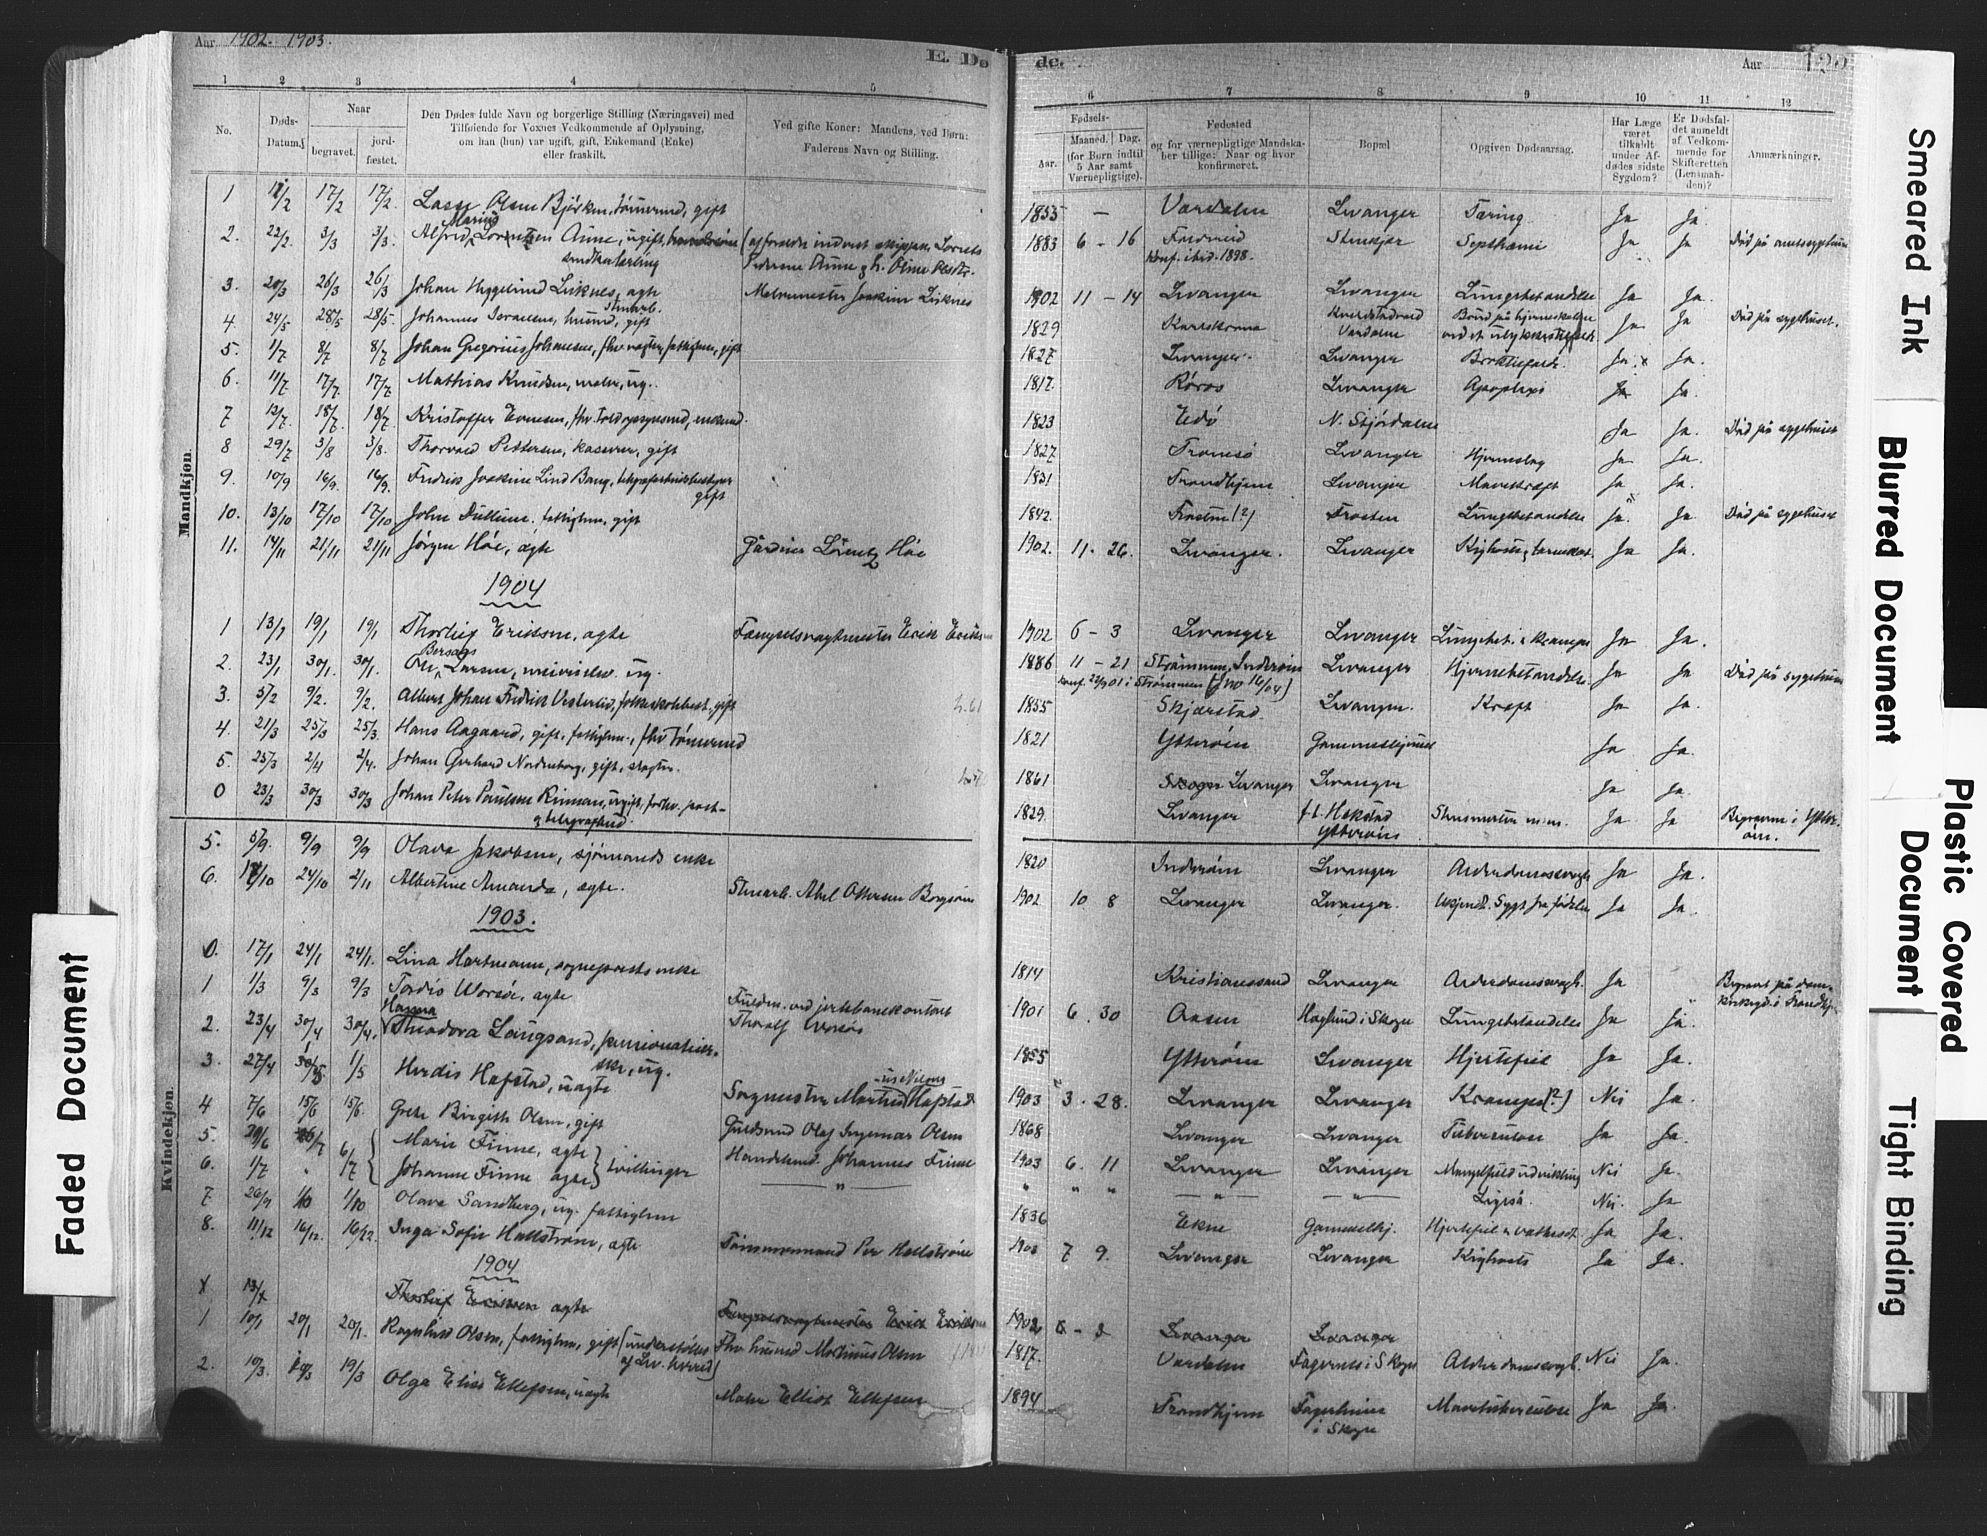 SAT, Ministerialprotokoller, klokkerbøker og fødselsregistre - Nord-Trøndelag, 720/L0189: Ministerialbok nr. 720A05, 1880-1911, s. 125